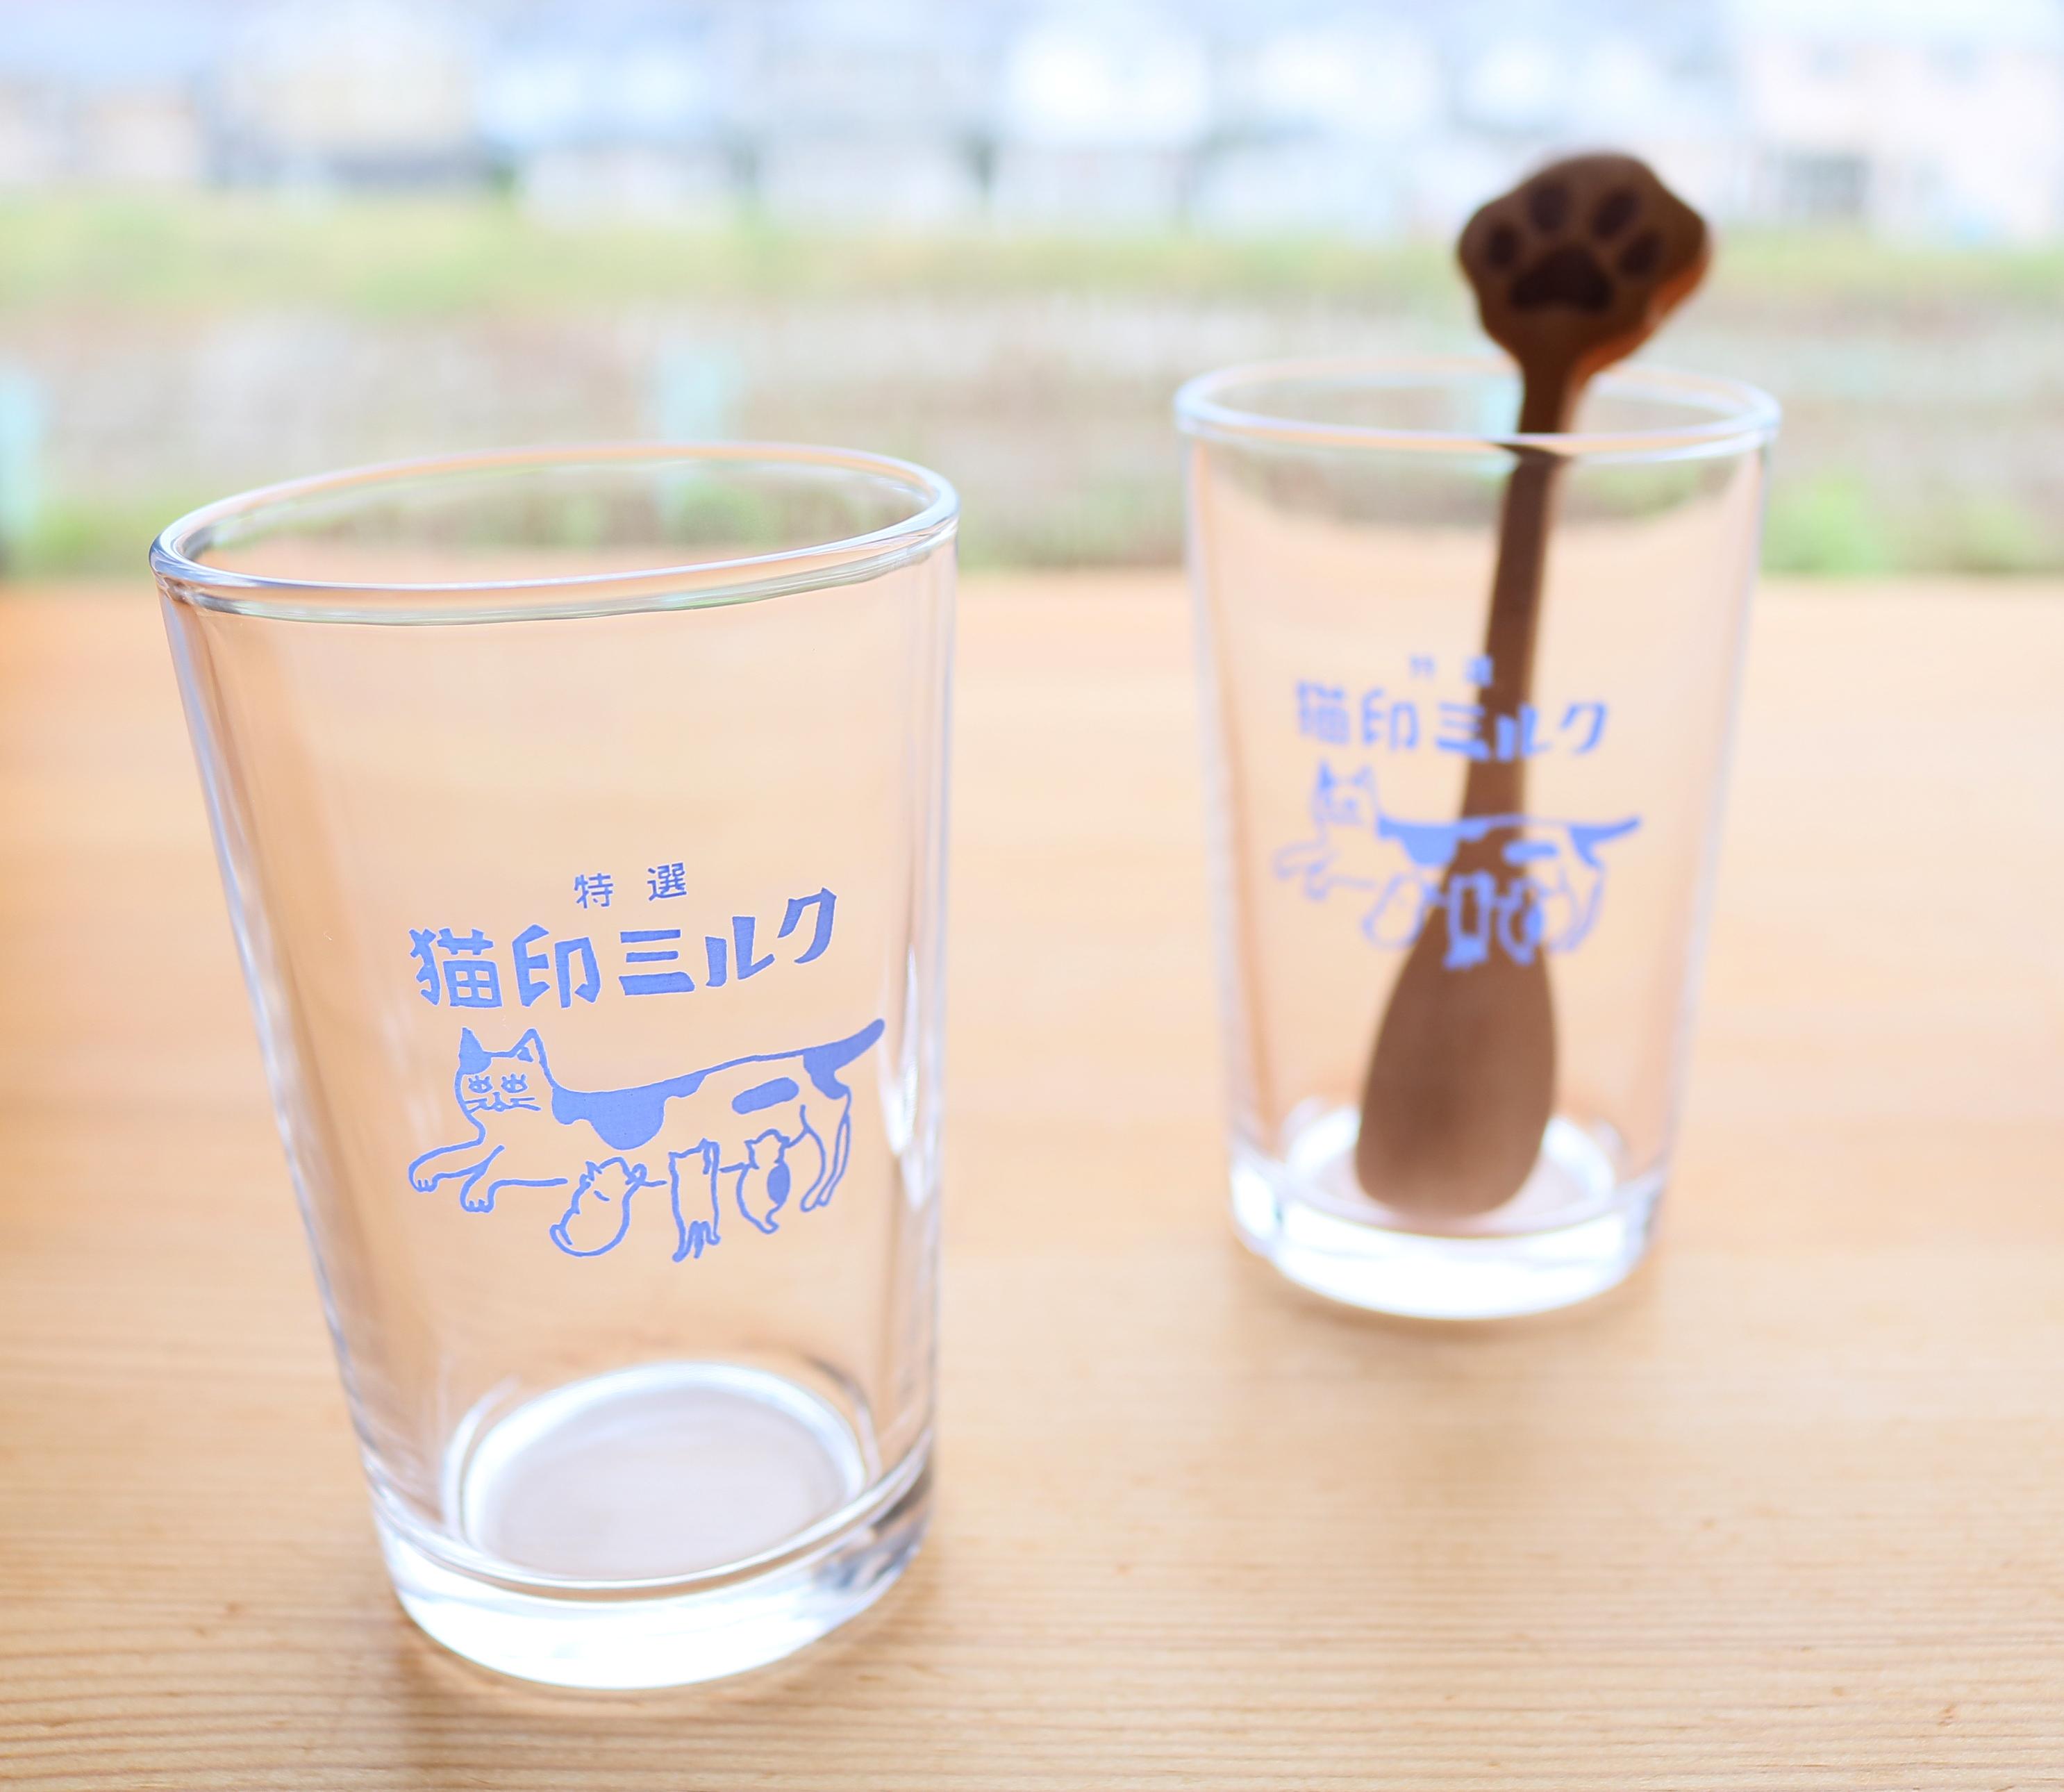 猫雑貨 猫グッズ 秋田 かぎしっぽ グラス 猫印ミルク